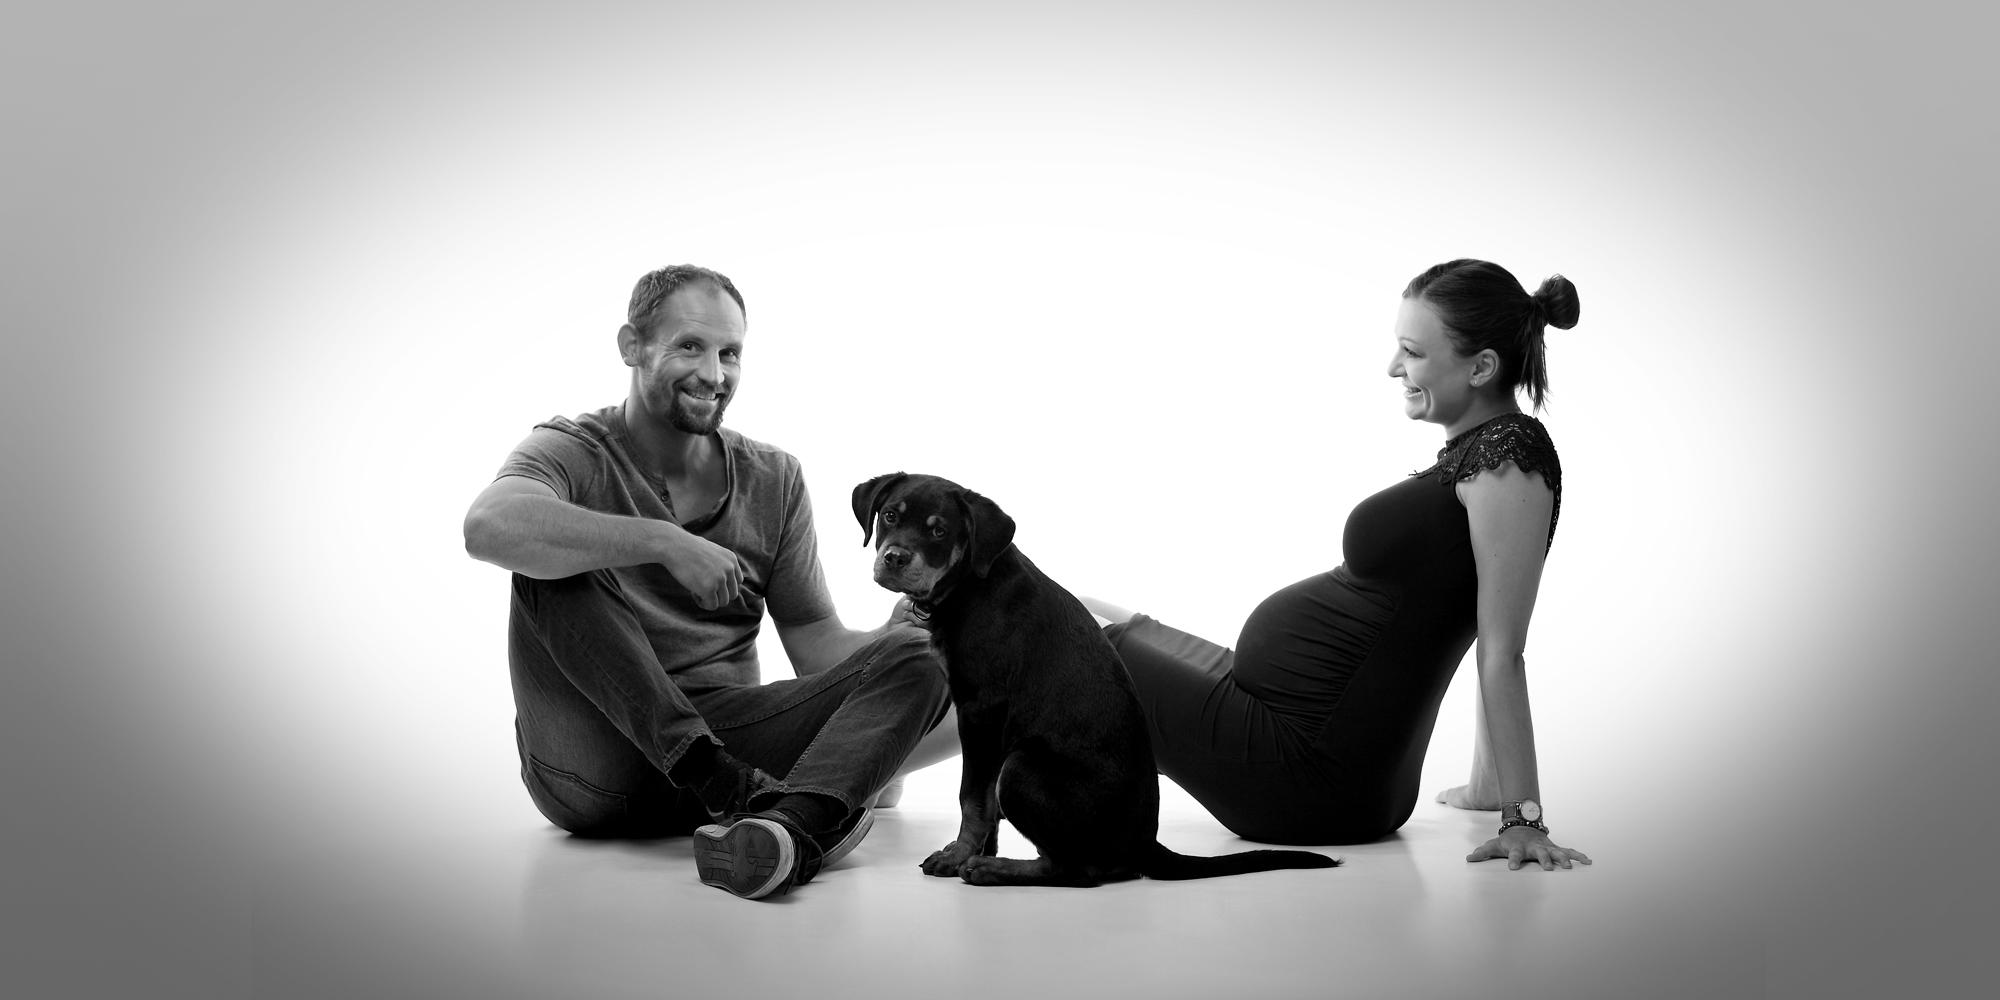 Schwarz-weiß Aufnahme von einem dunkelfarbigen Hund, der traurig schaut und zwischen den Beinen von einer schwangeren Frau und einem Mann für Familienfoto posiert, die seitlich und lächelnd daneben sitzen.